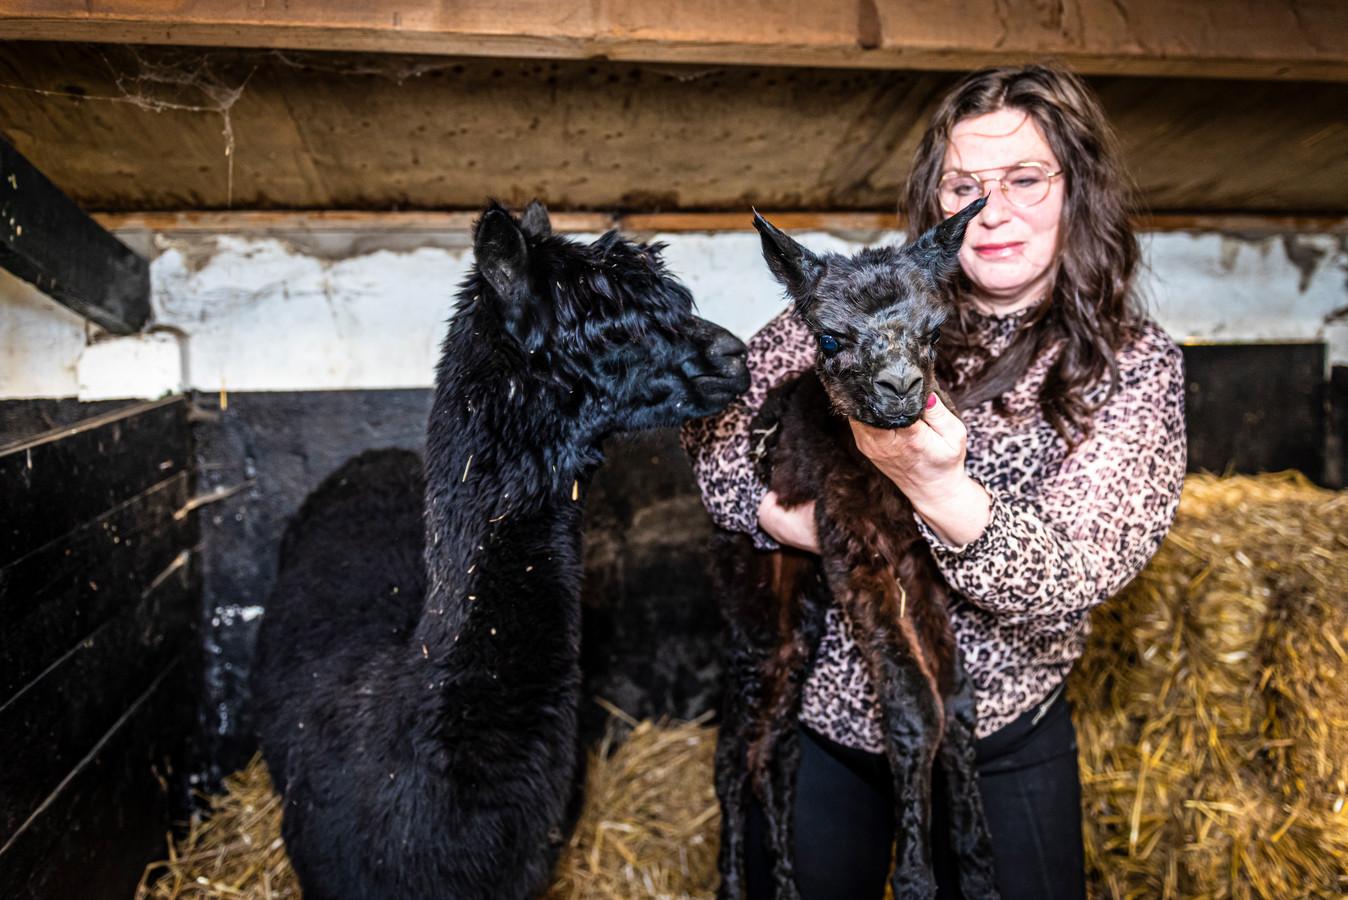 Ardith houdt voorzichtig het pas geboren Alpaca kalfje in haar armen.